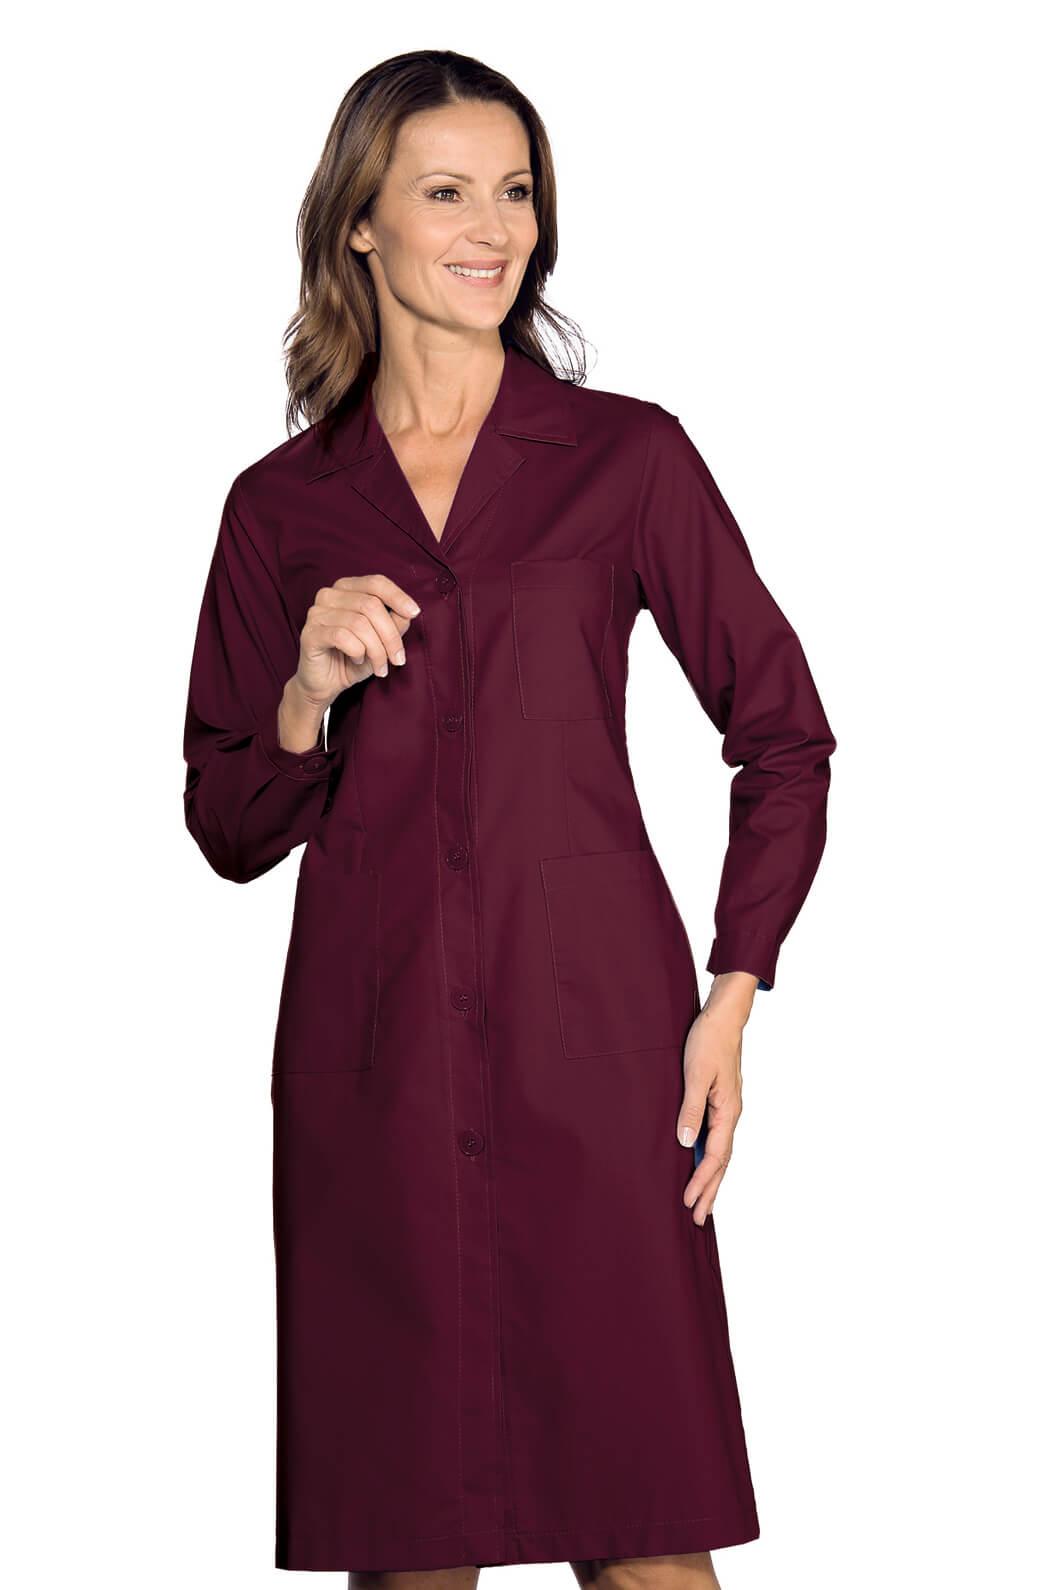 blouse manches longues femme bordeaux. Black Bedroom Furniture Sets. Home Design Ideas